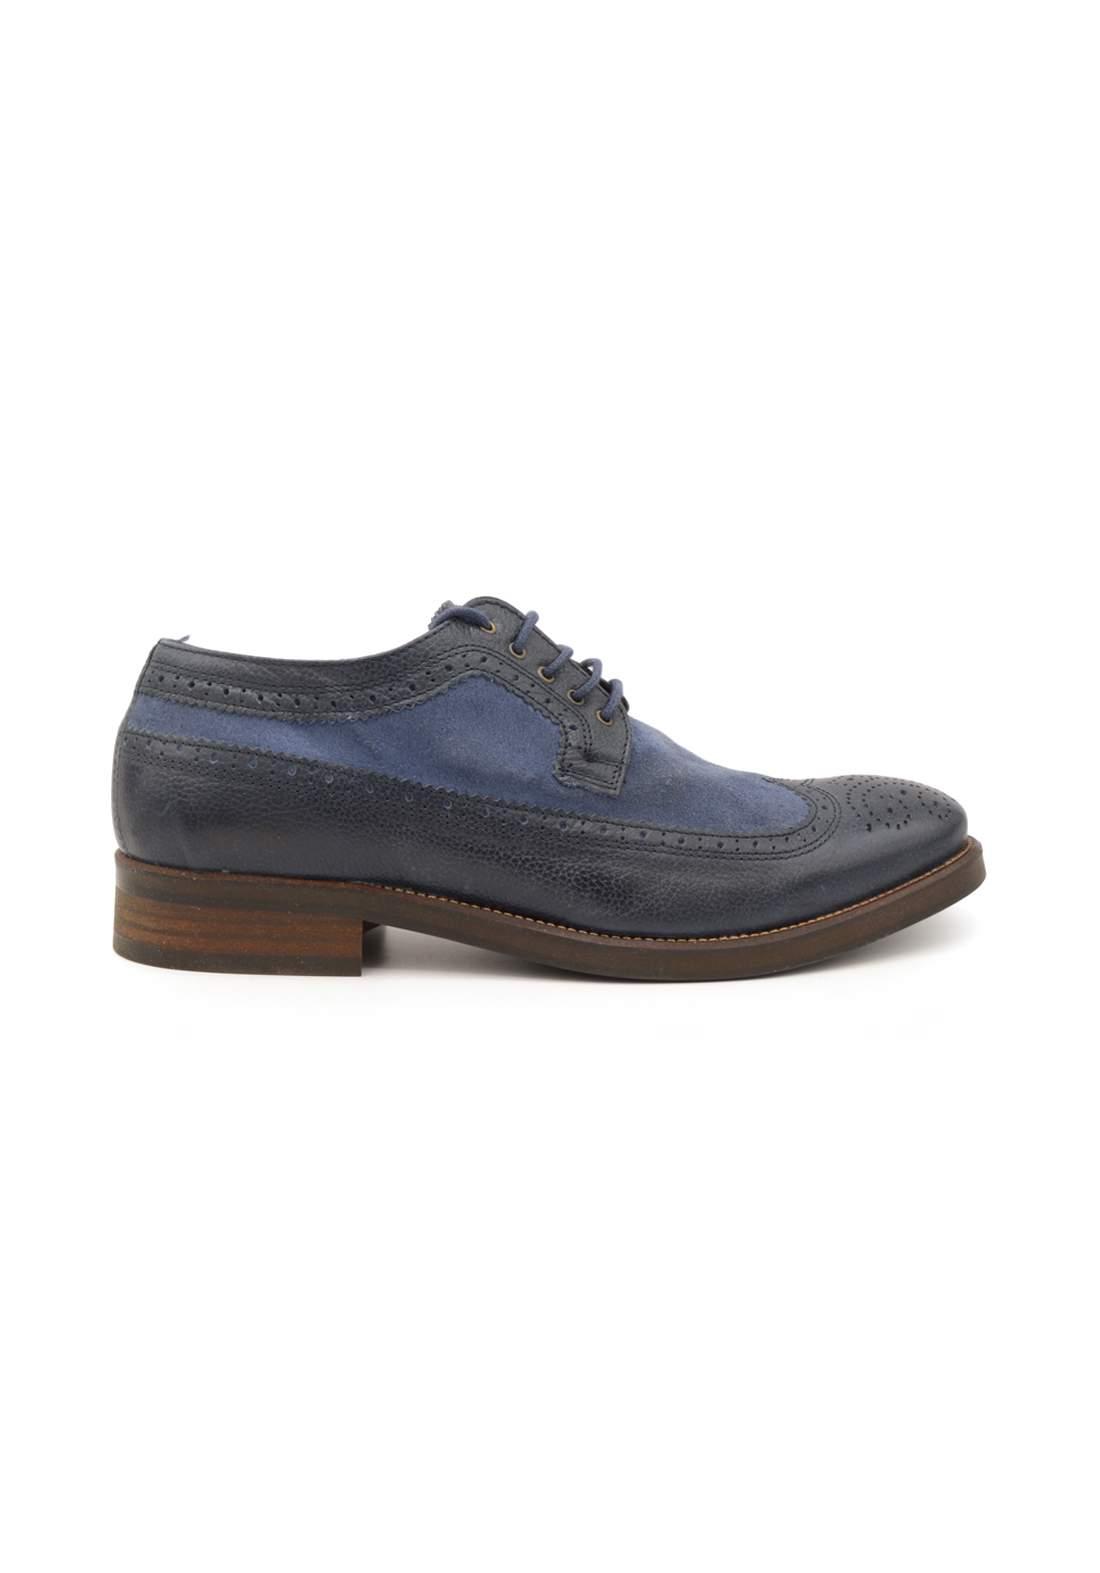 حذاء رجالي اسود وازرق اللون من paulhunter